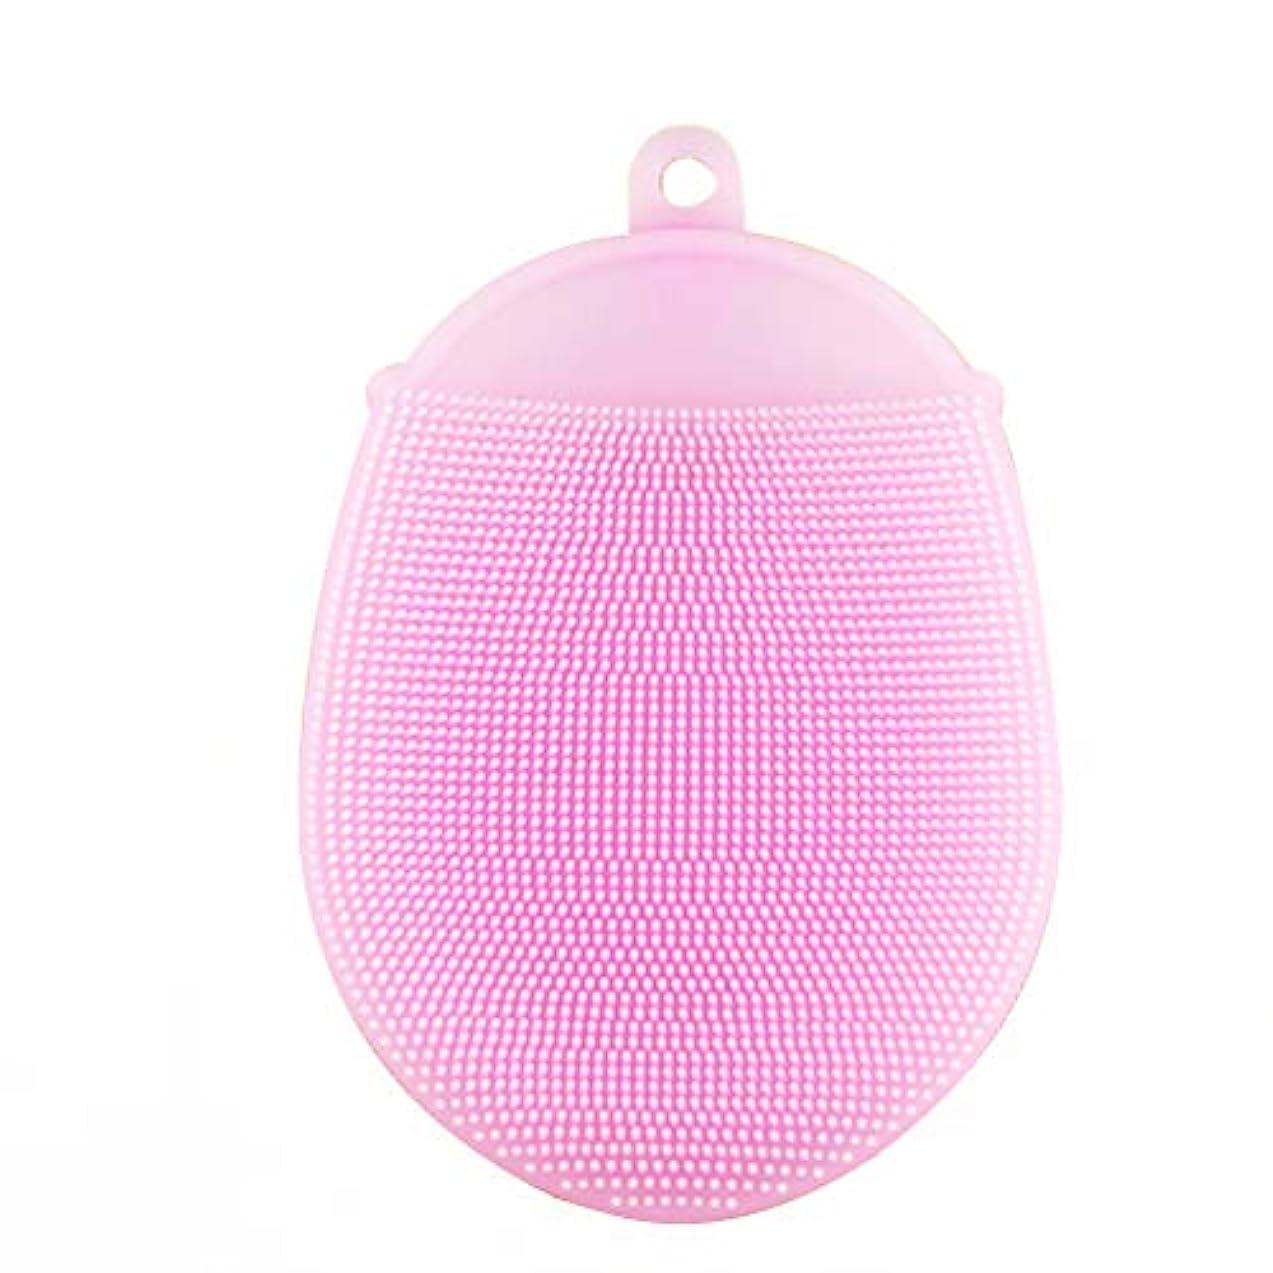 南極バンジョー記述するHealifty ボディブラシ2本シリコン入浴ブラシ抗菌シャワースクラバー洗顔パッド(ピンク)